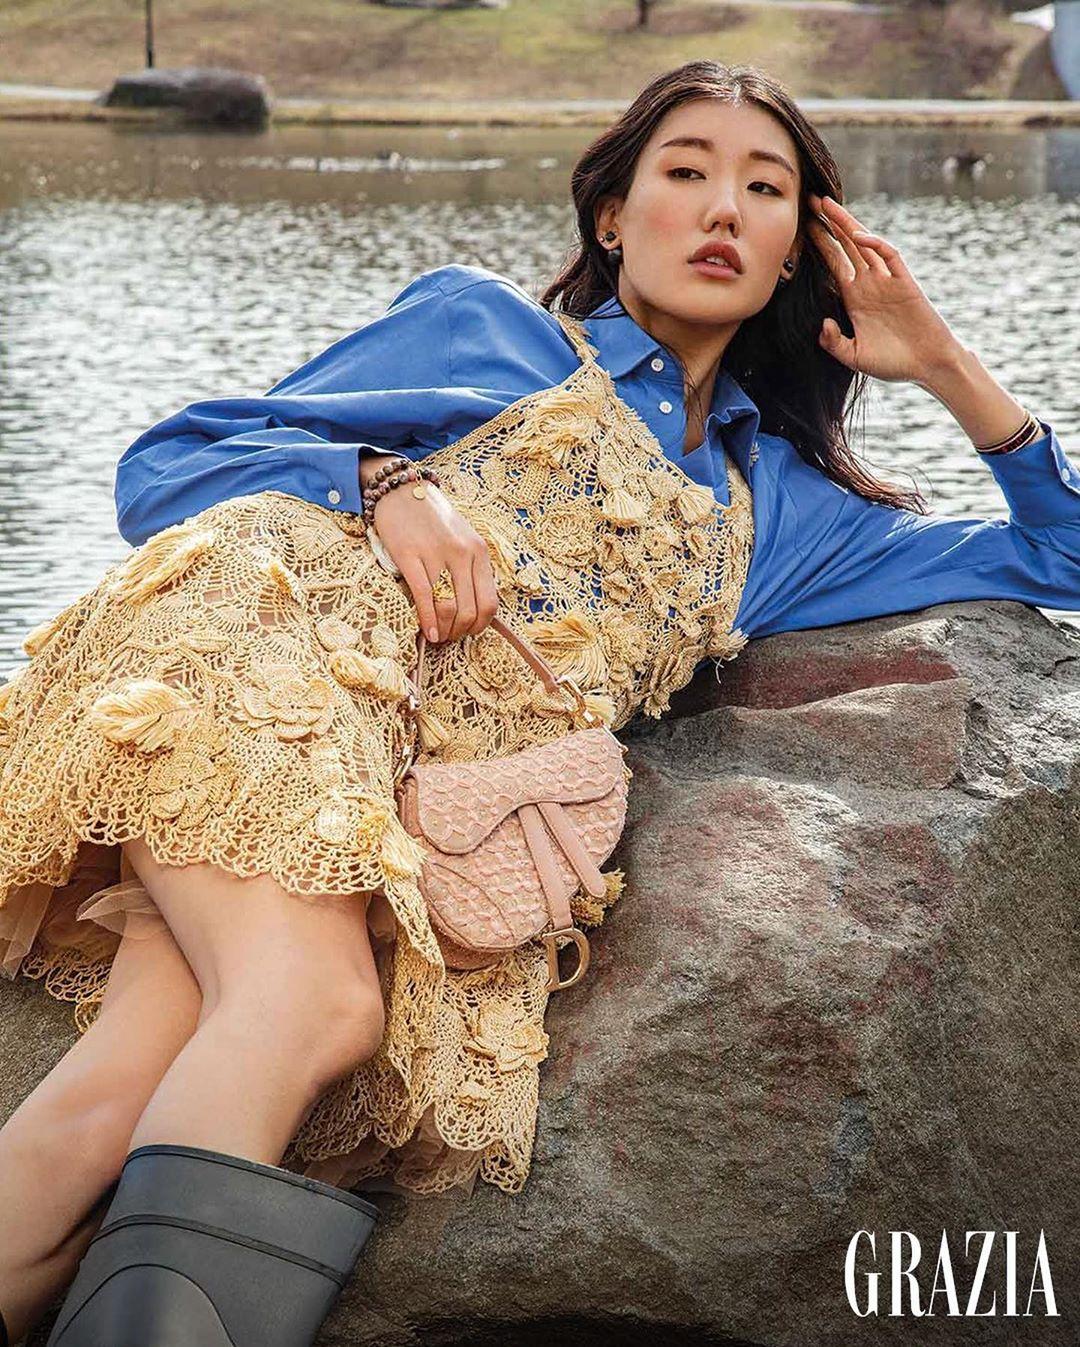 Grazia Mexico, Jeannie Park, Celestine Agency, Viktorija Bowers, Dior